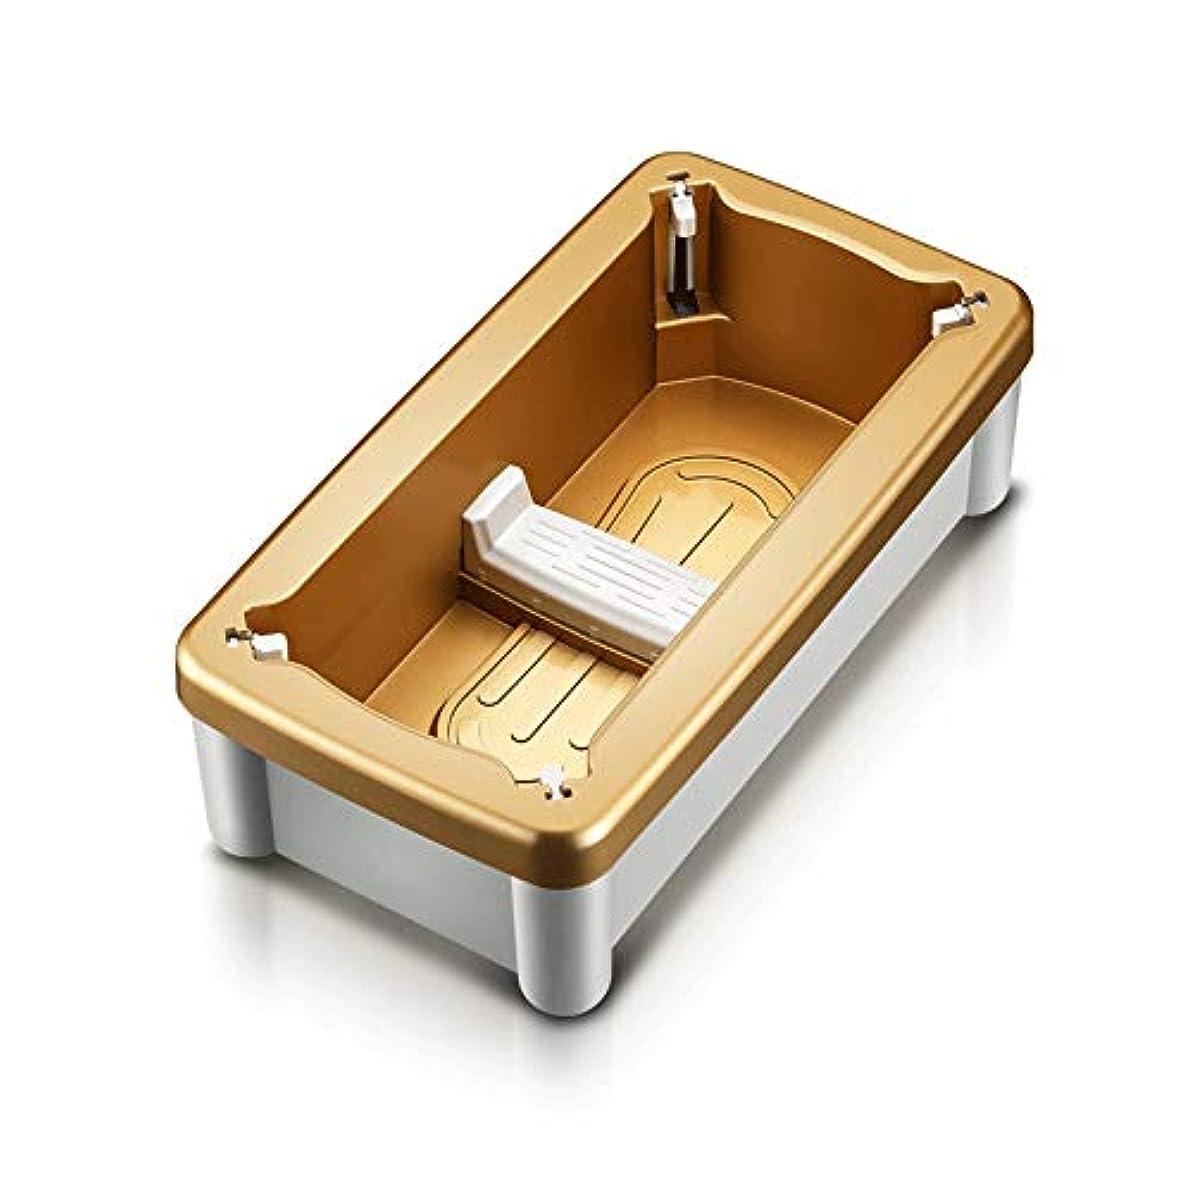 チャネル効率的に留まる靴カバーマシンホーム自動使い捨て靴マシンオフィス足型機スマートフットカバー変更靴カオスを避けるために (Color : Gold)